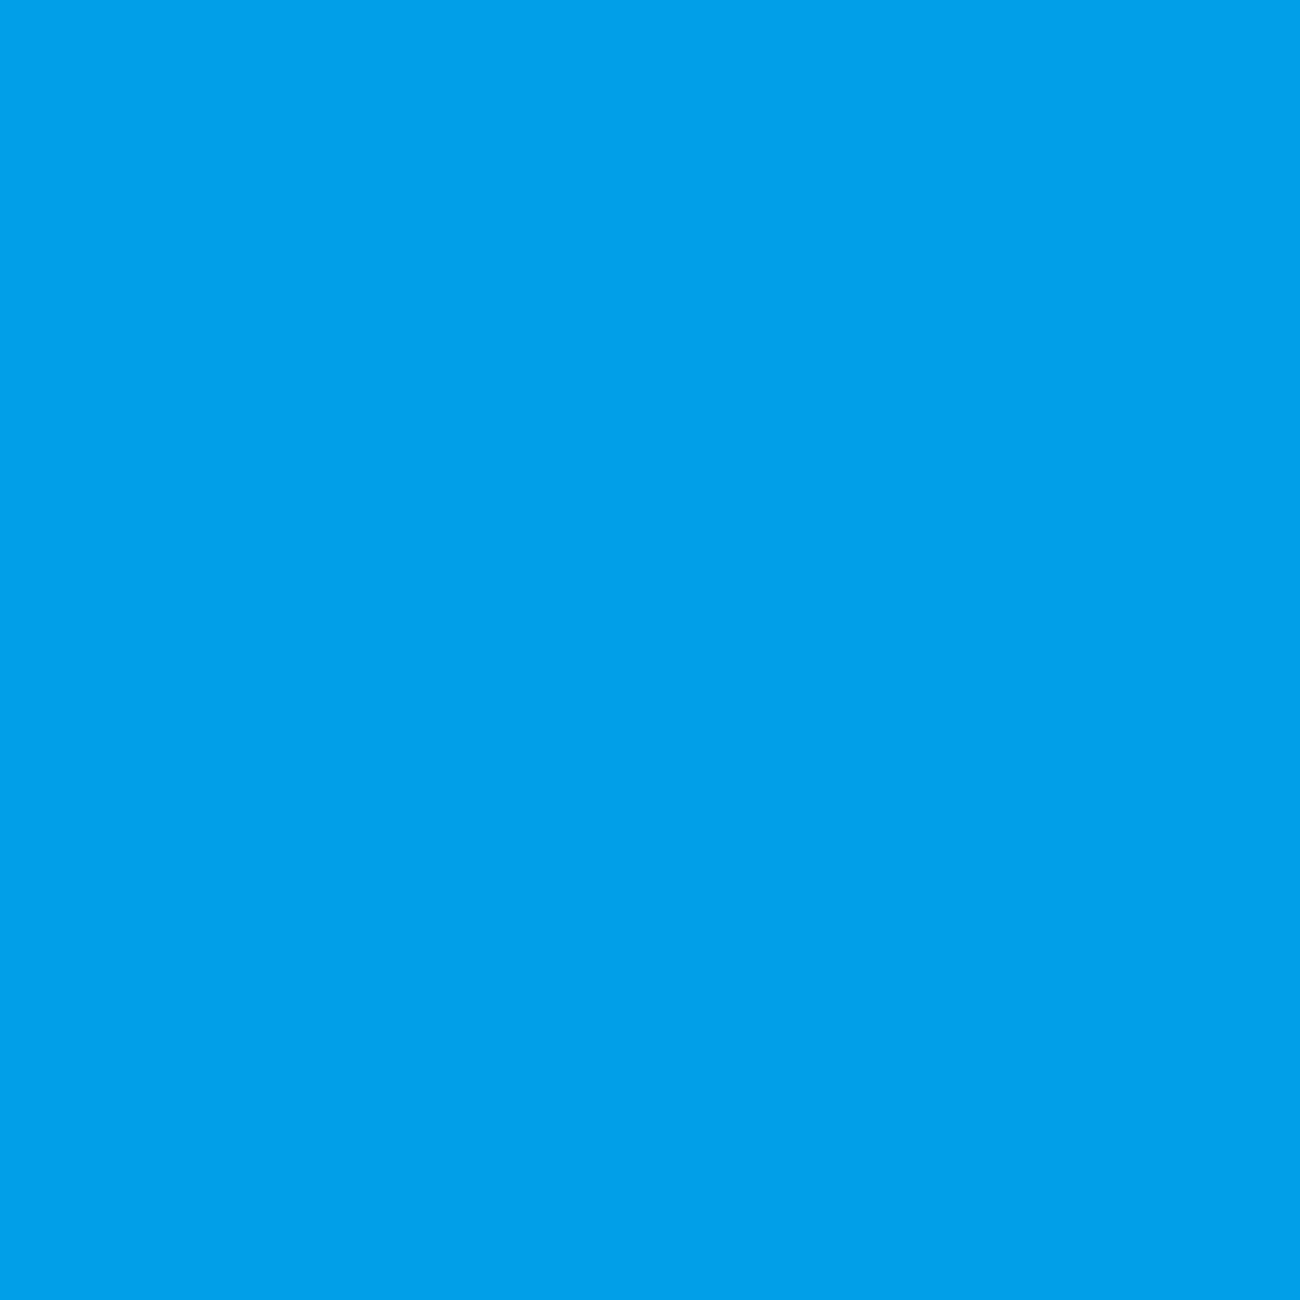 illsut_kansouki